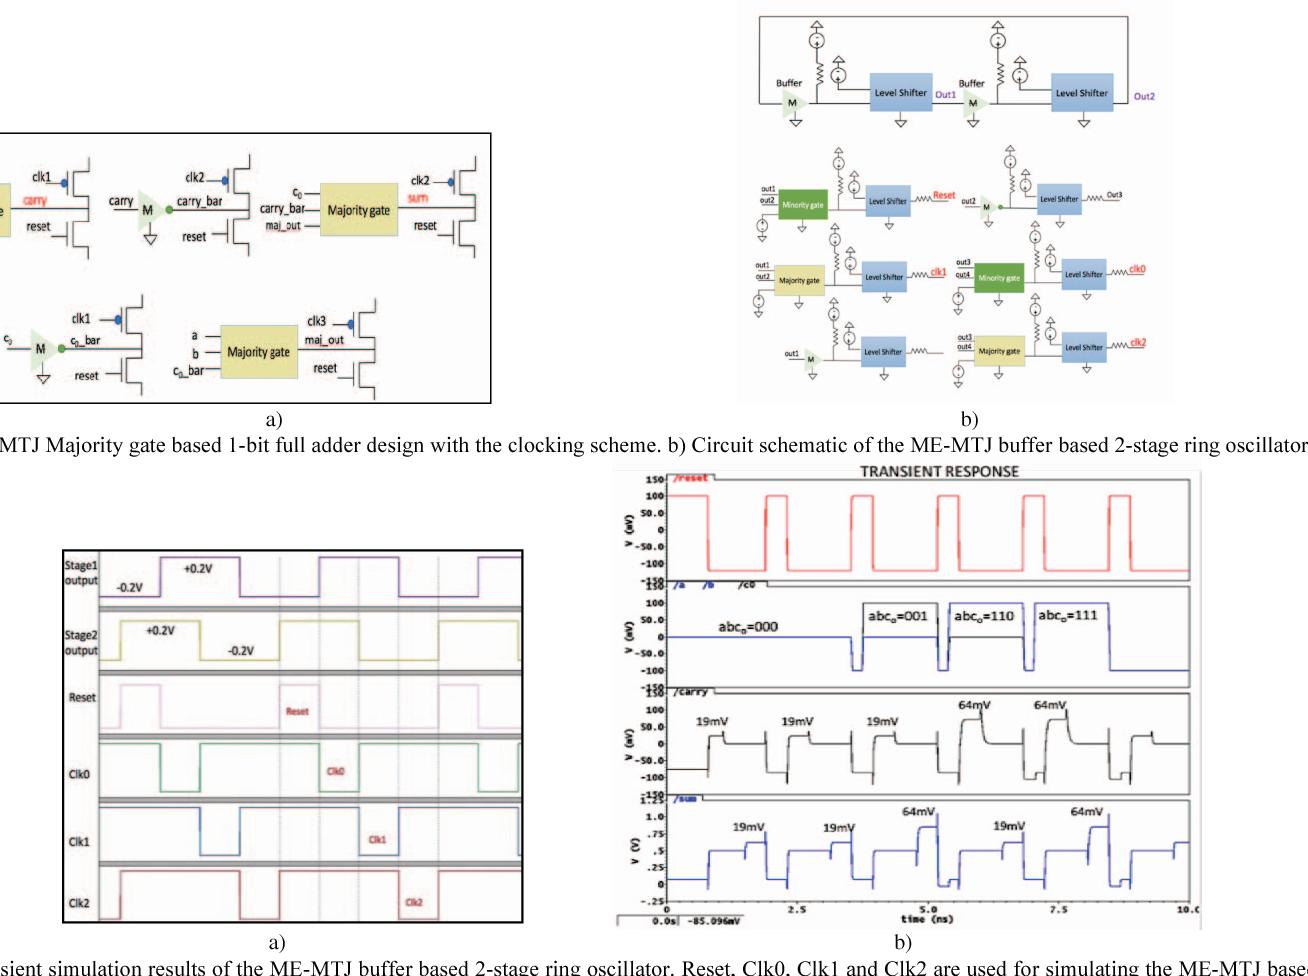 Novel Ring Oscillator Design Using Me Mtj Based Devices Semantic The 1 Bit Full Adder Circuit Scholar